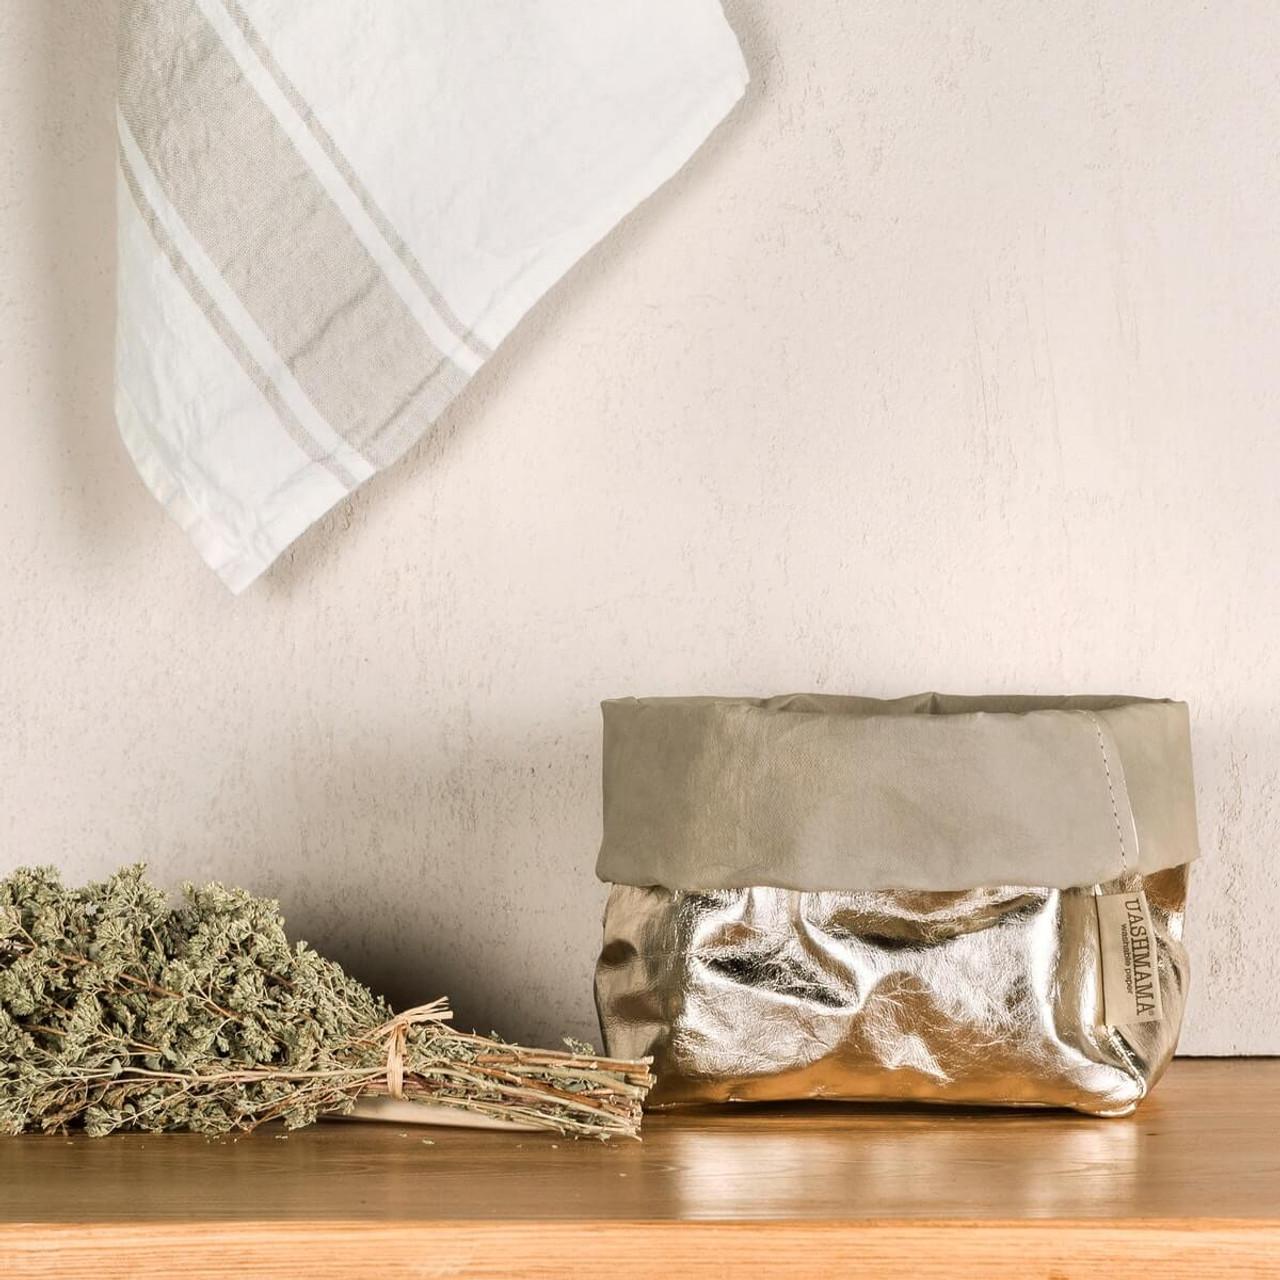 UASHMAMA medium organic paper bags